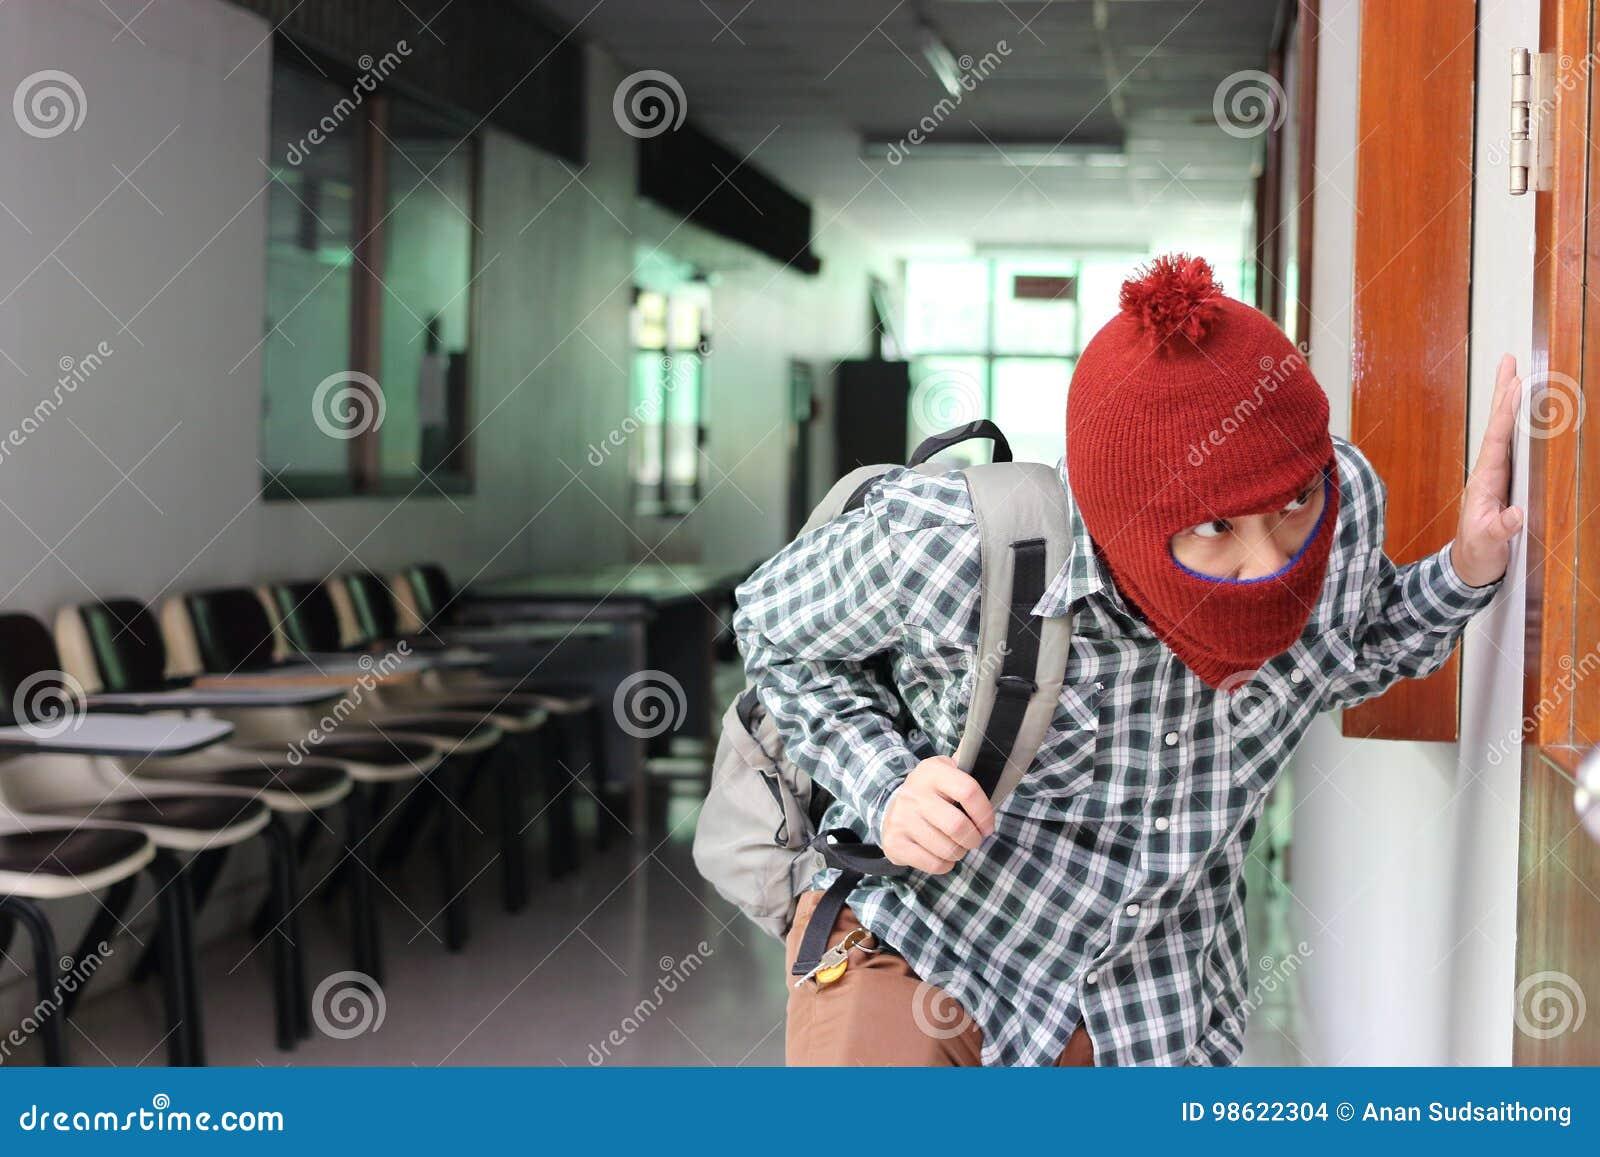 逃脱在偷偷地走以后的被掩没的夜贼入房子 砖概念罪行前面现有量苛刻的藏品手枪影子墙壁